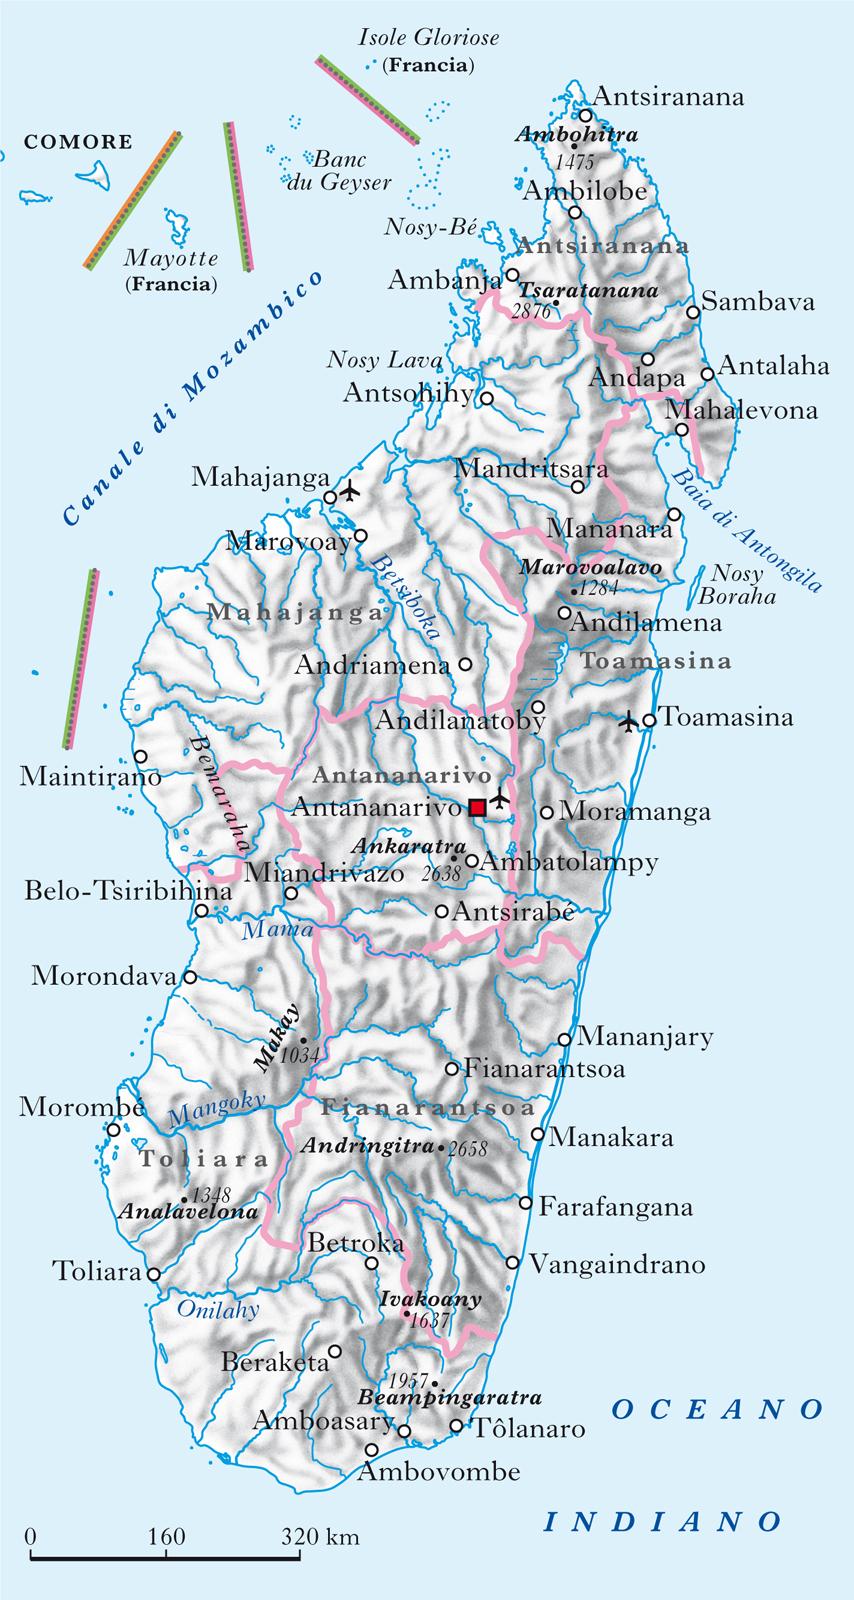 Madagascar Geopolitico In Madagascar In Atlante f76gYby